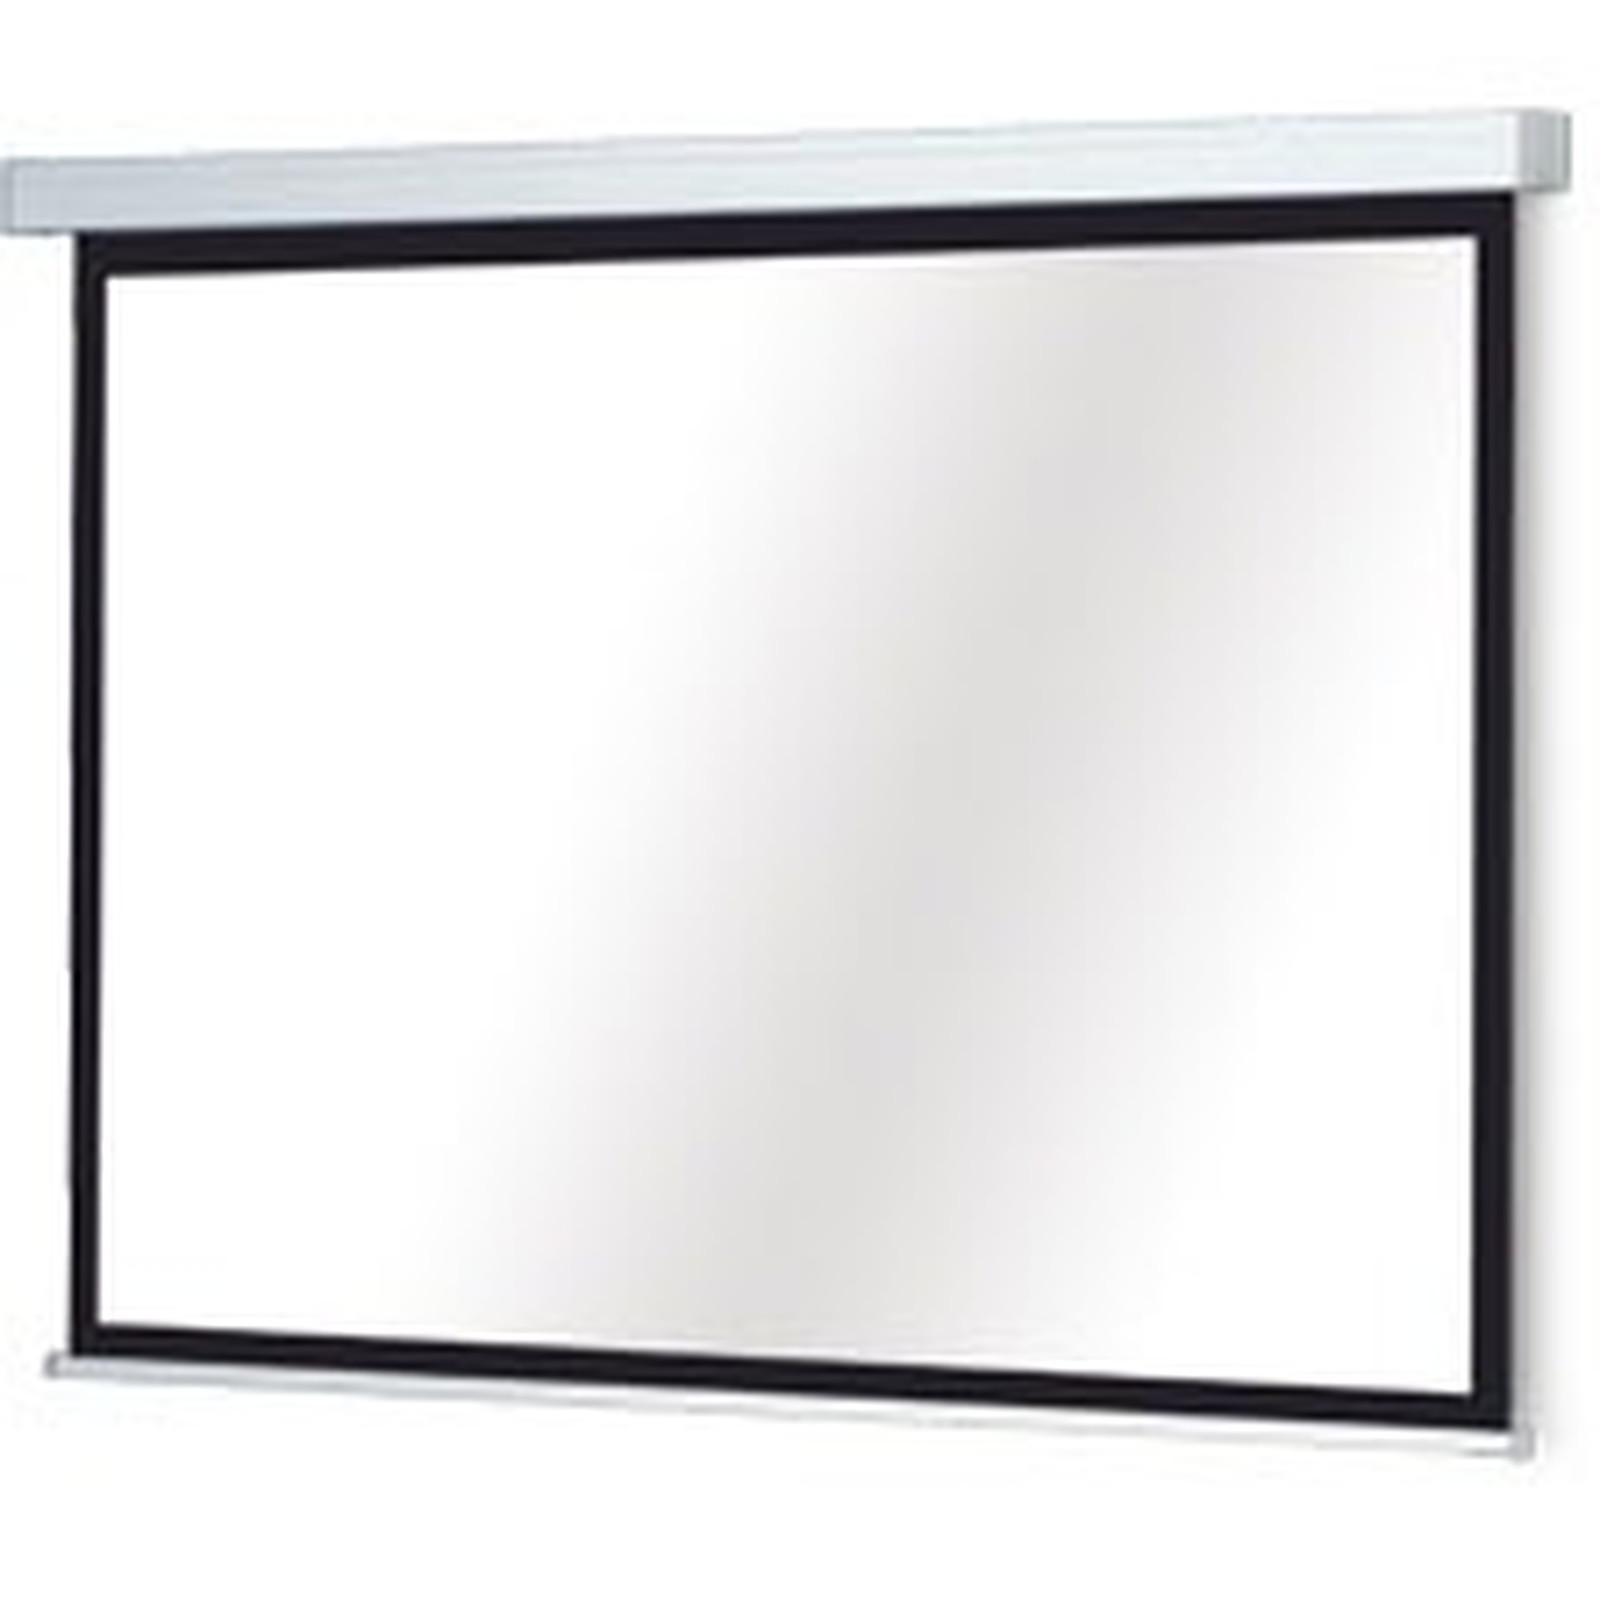 Procolor JUNIOR-SCREEN - Ecran motorisé - Format 16:10 - 198 x 126 cm